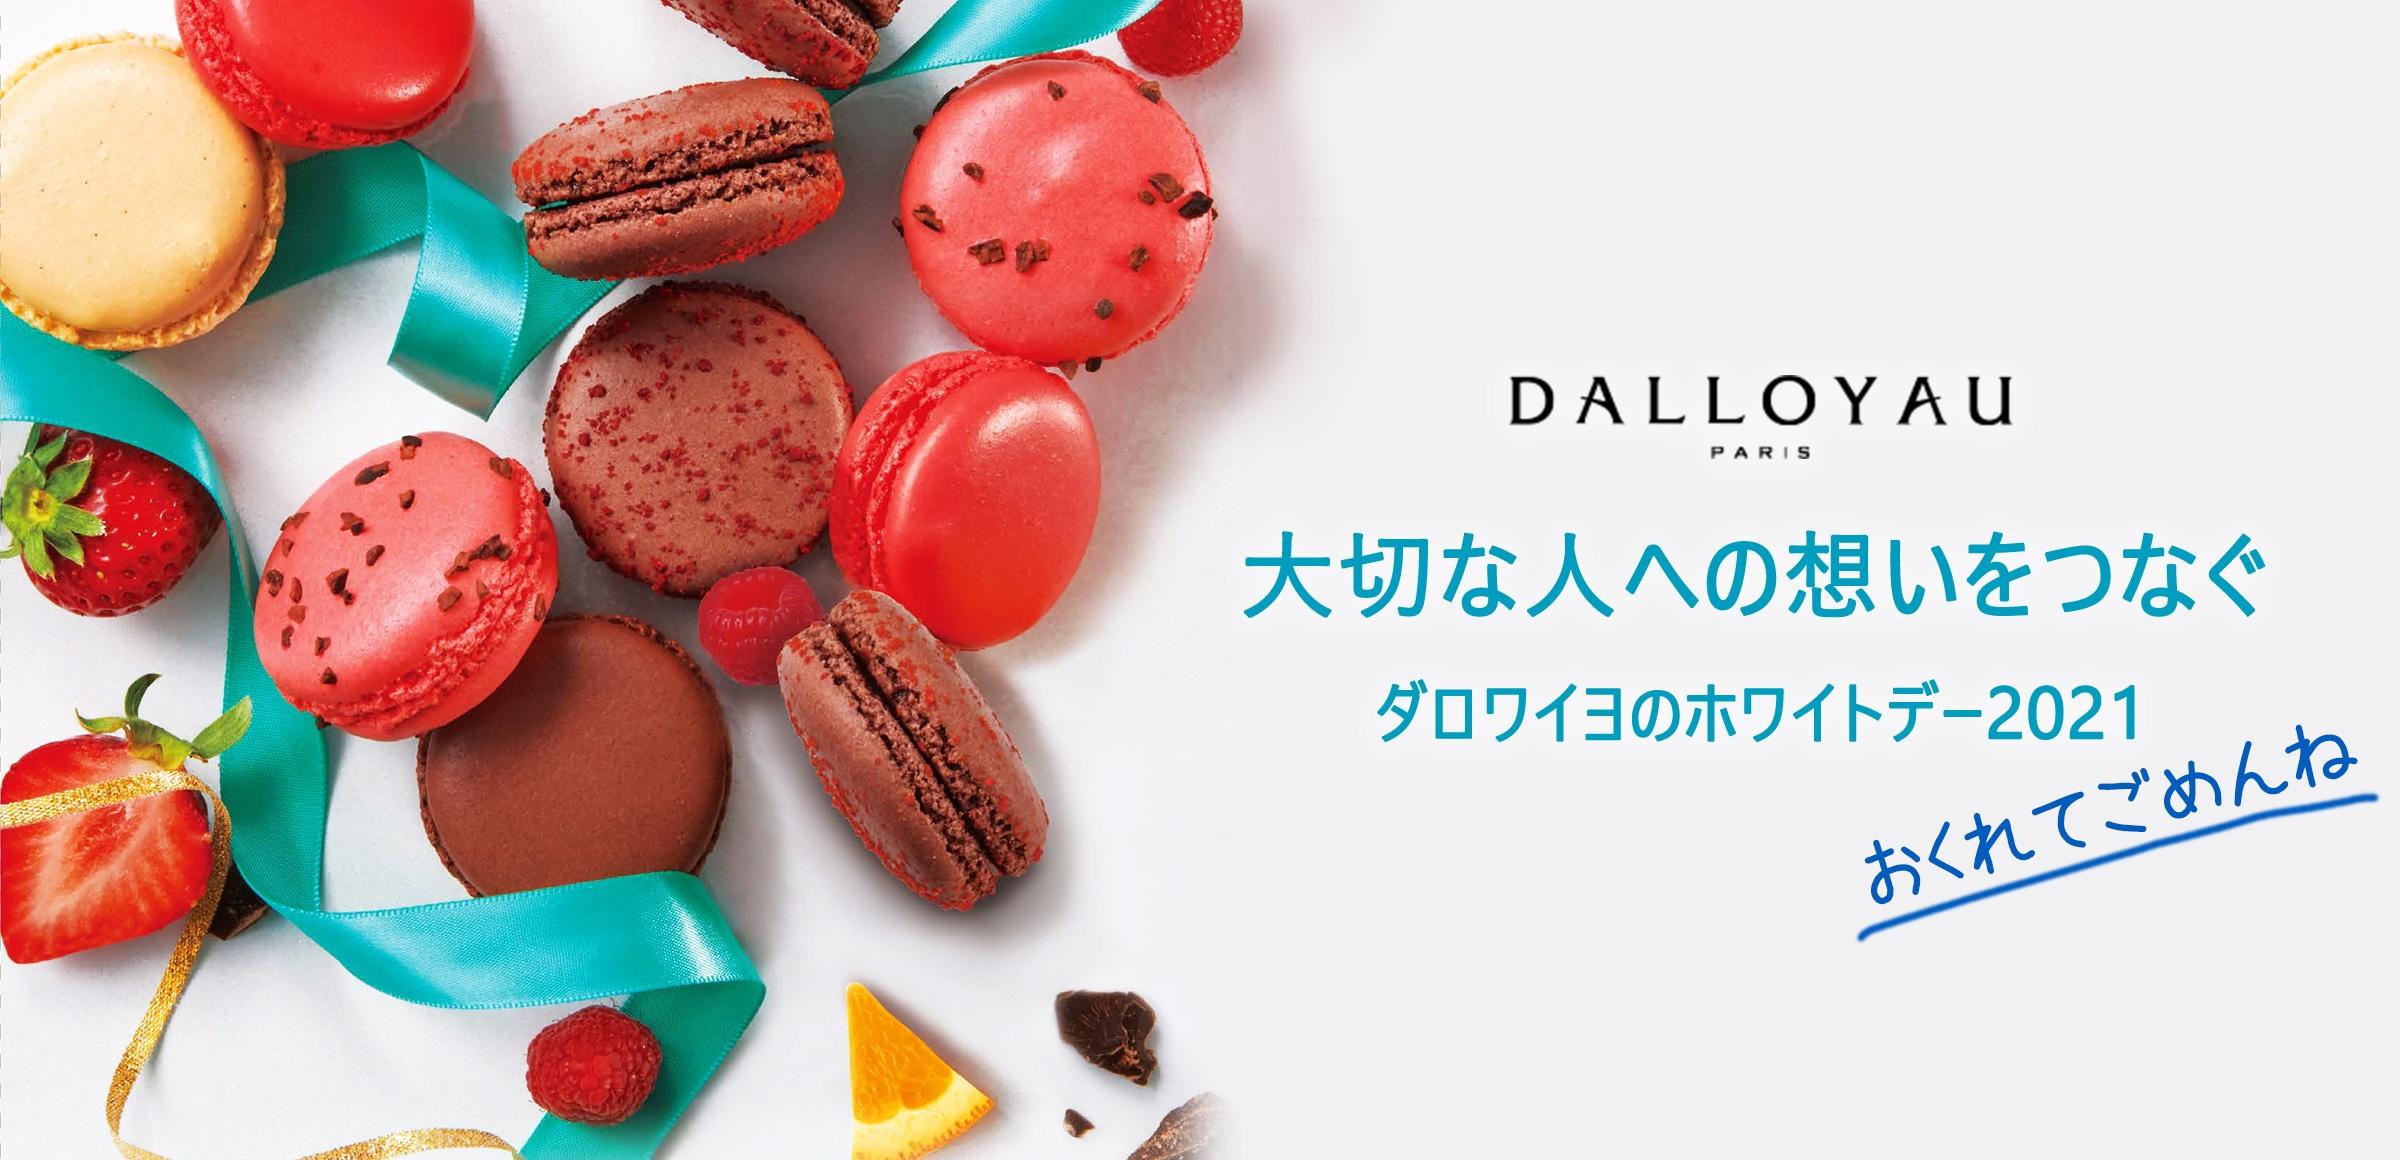 ダロワイヨのホワイトデー2021